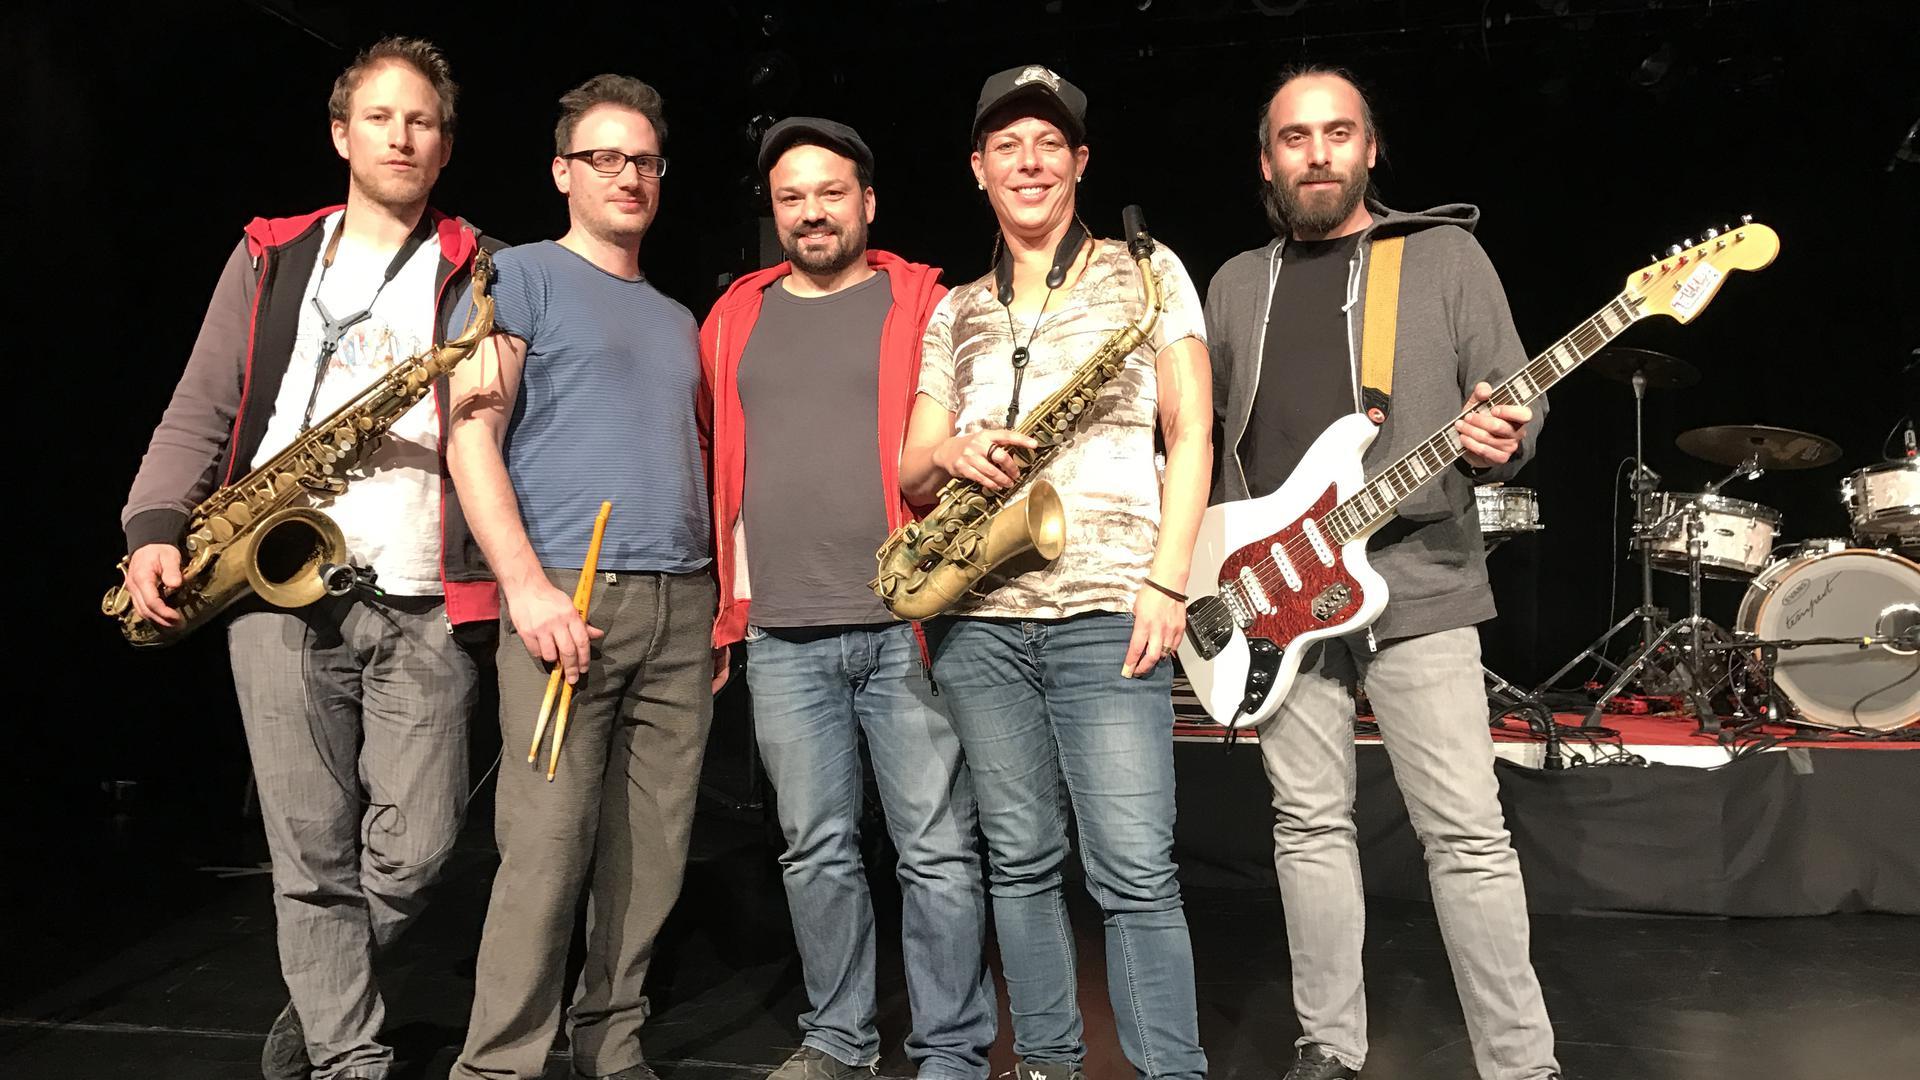 Die Freiburger Band Äl Jawala: Krischan (v.li.), Daniel, Markus, Stefanie und Benjamin.